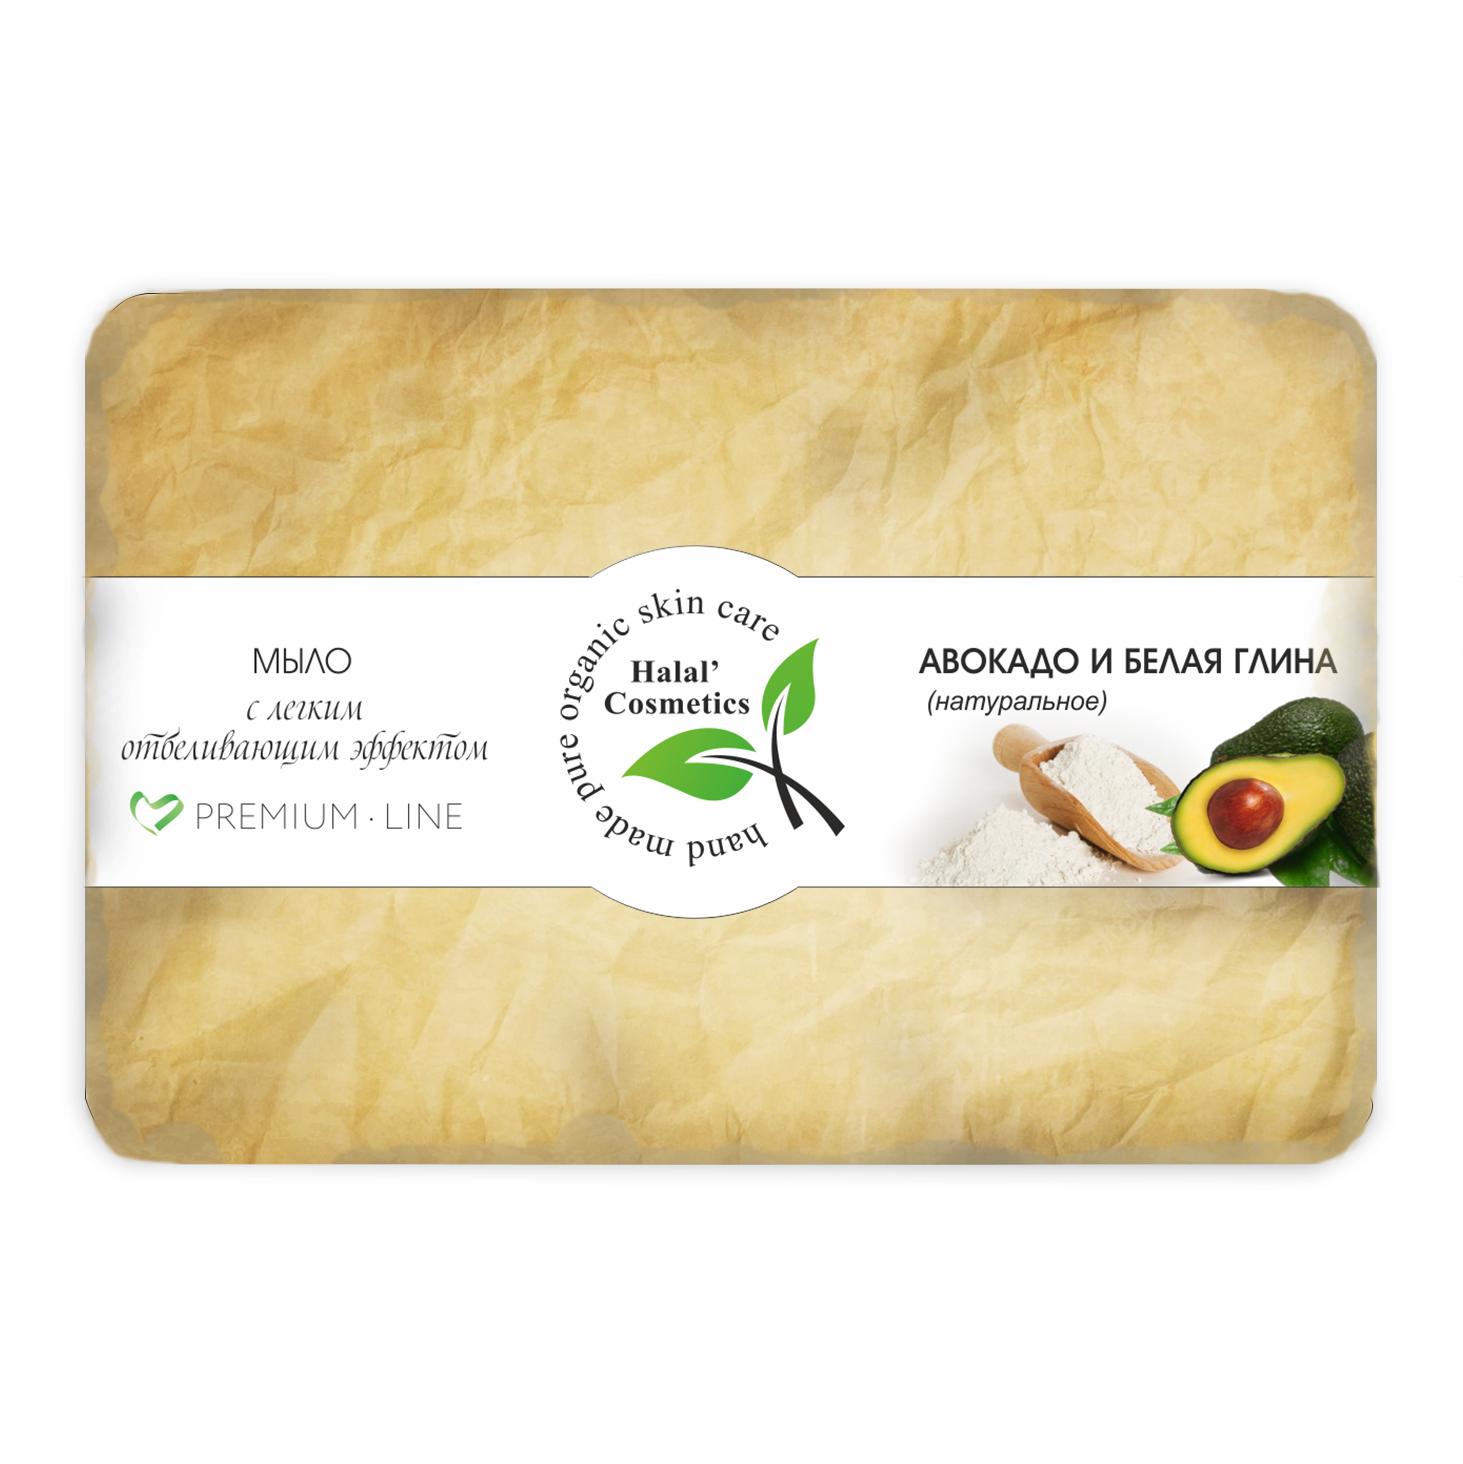 Купить Мыло Halal' Cosmeticsс легким отбеливающим эффектом Авокадо и белая глина 80гр